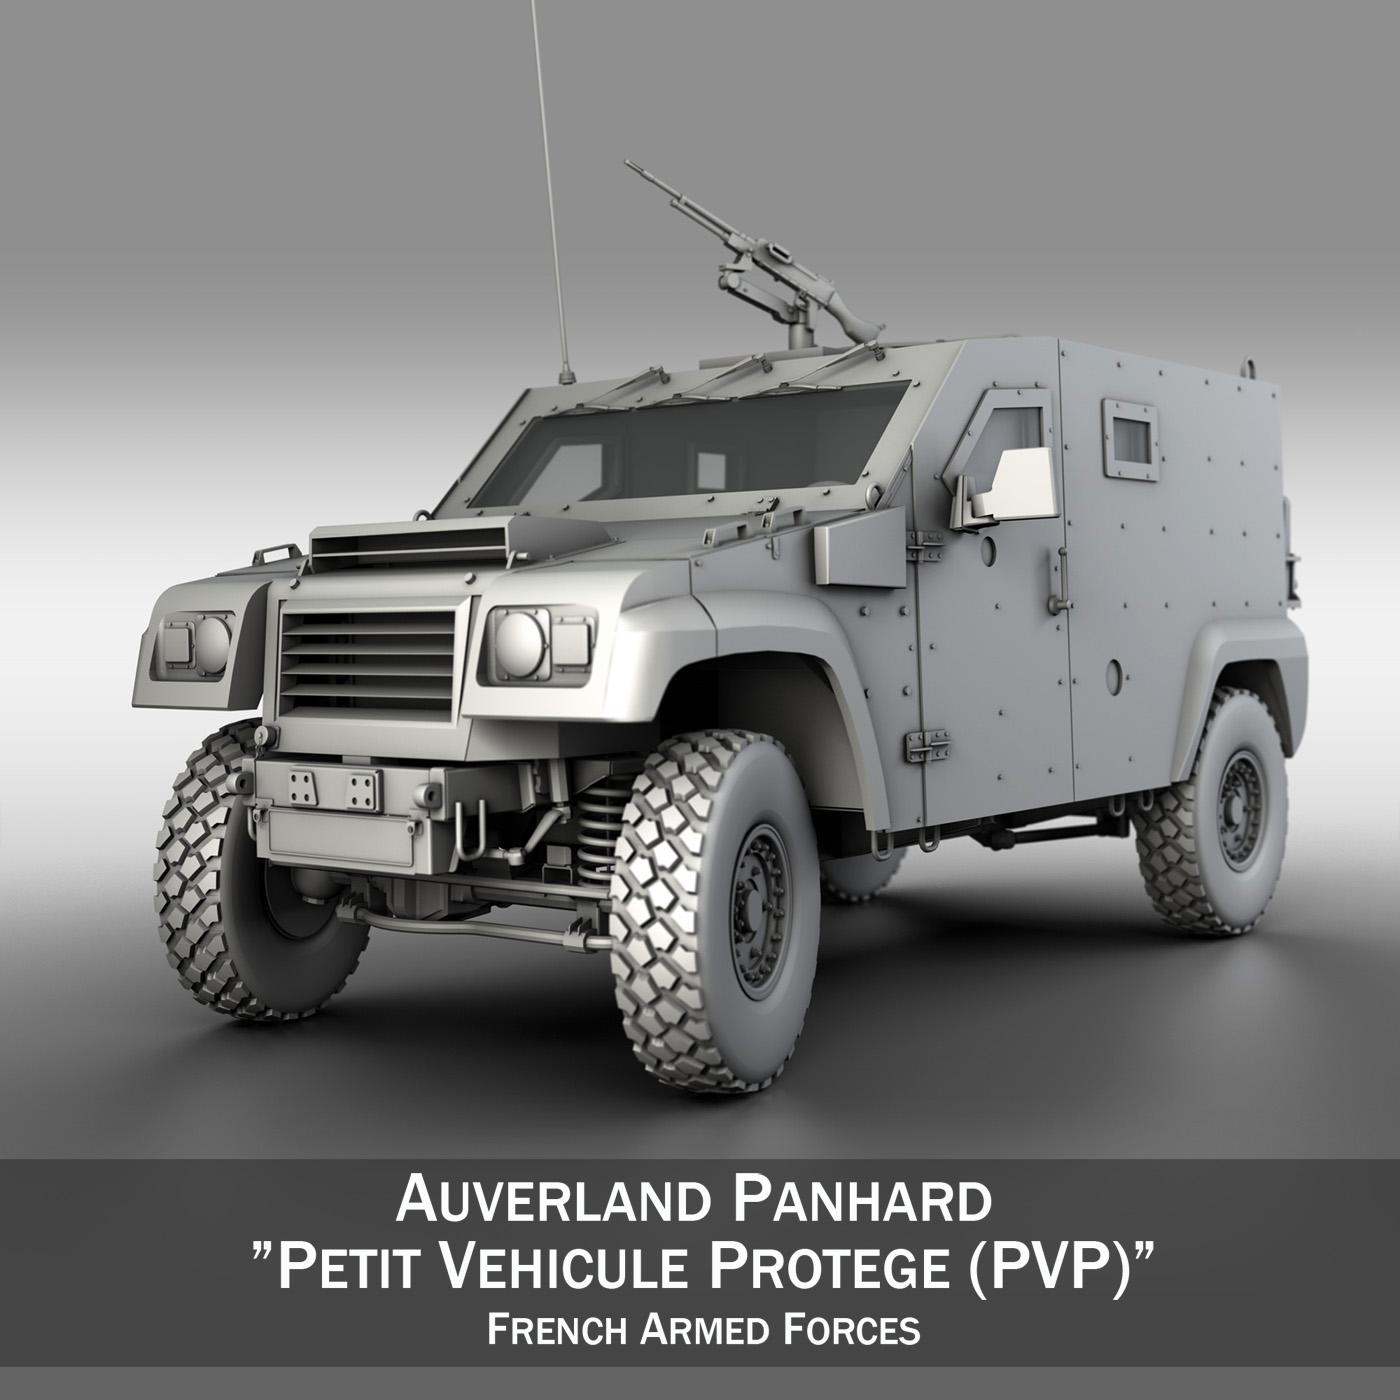 auverland panhard PVP - petit vehicule protege 3d modelis 3ds fbx c4d lwo obj 190124